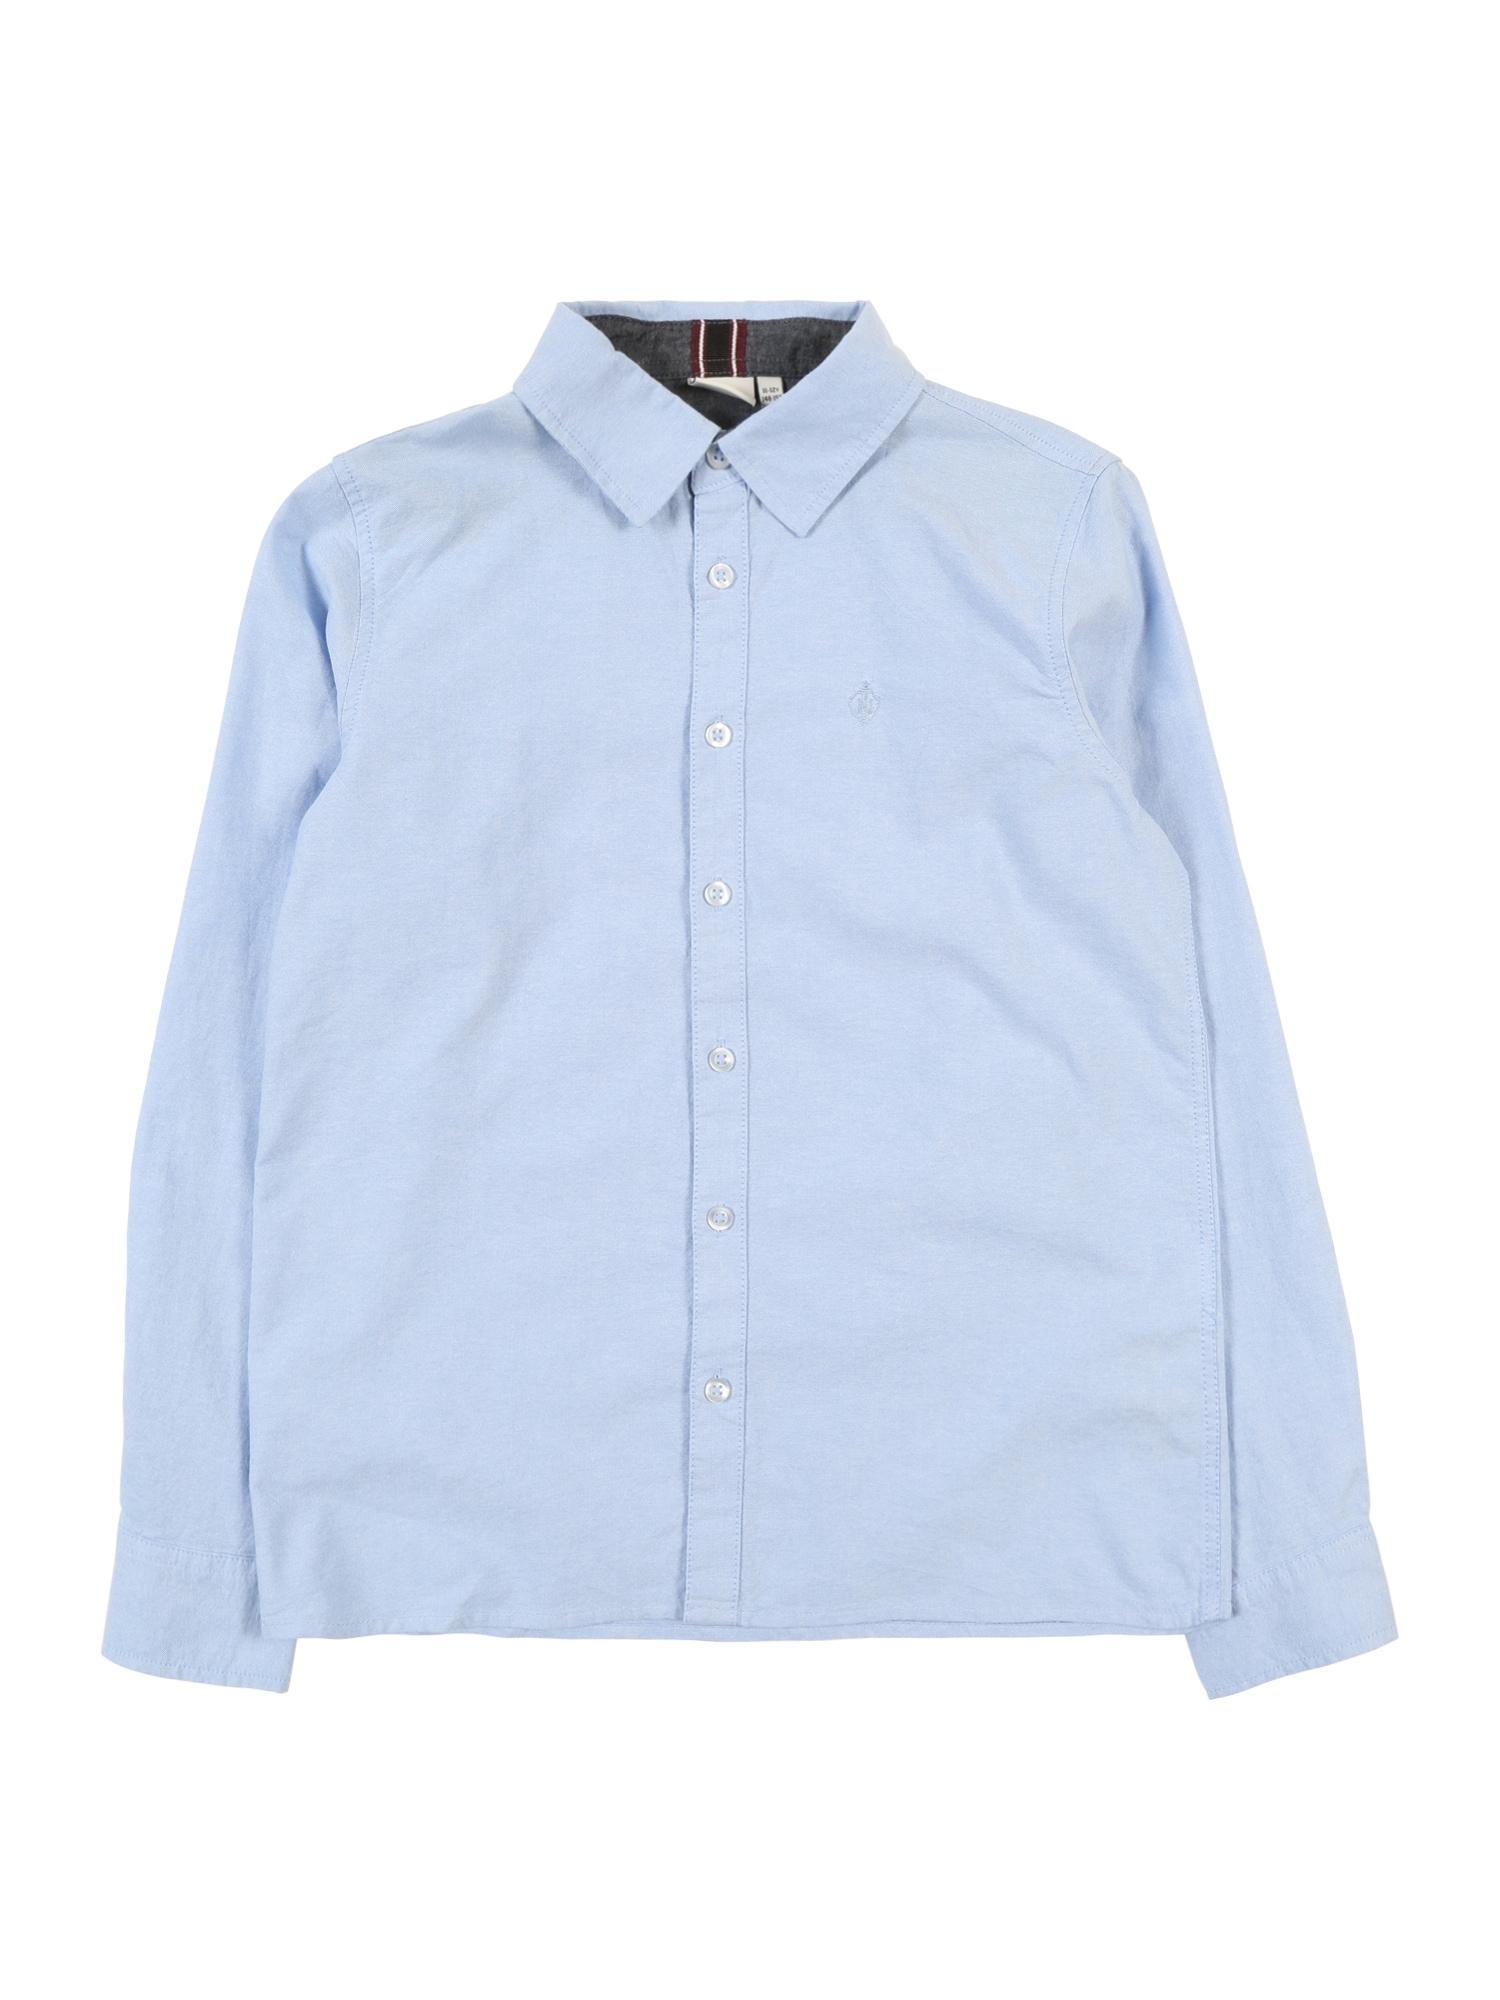 NAME IT Dalykiniai marškiniai šviesiai mėlyna